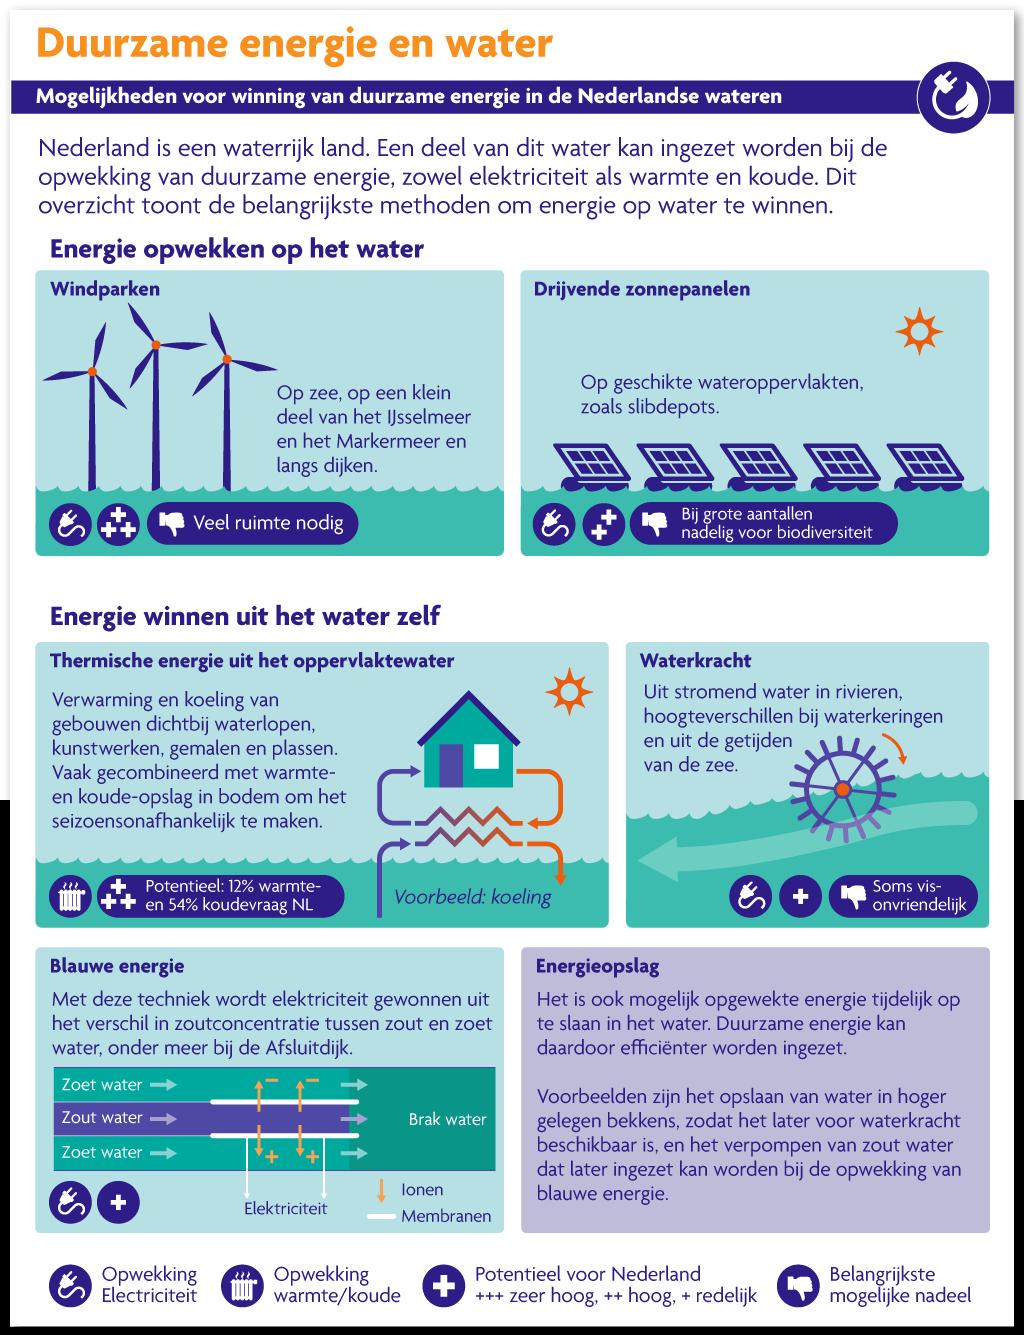 De Staat van ons Water - Duurzame energie uit water (Ministerie van Infrastructuur en Waterstaat)